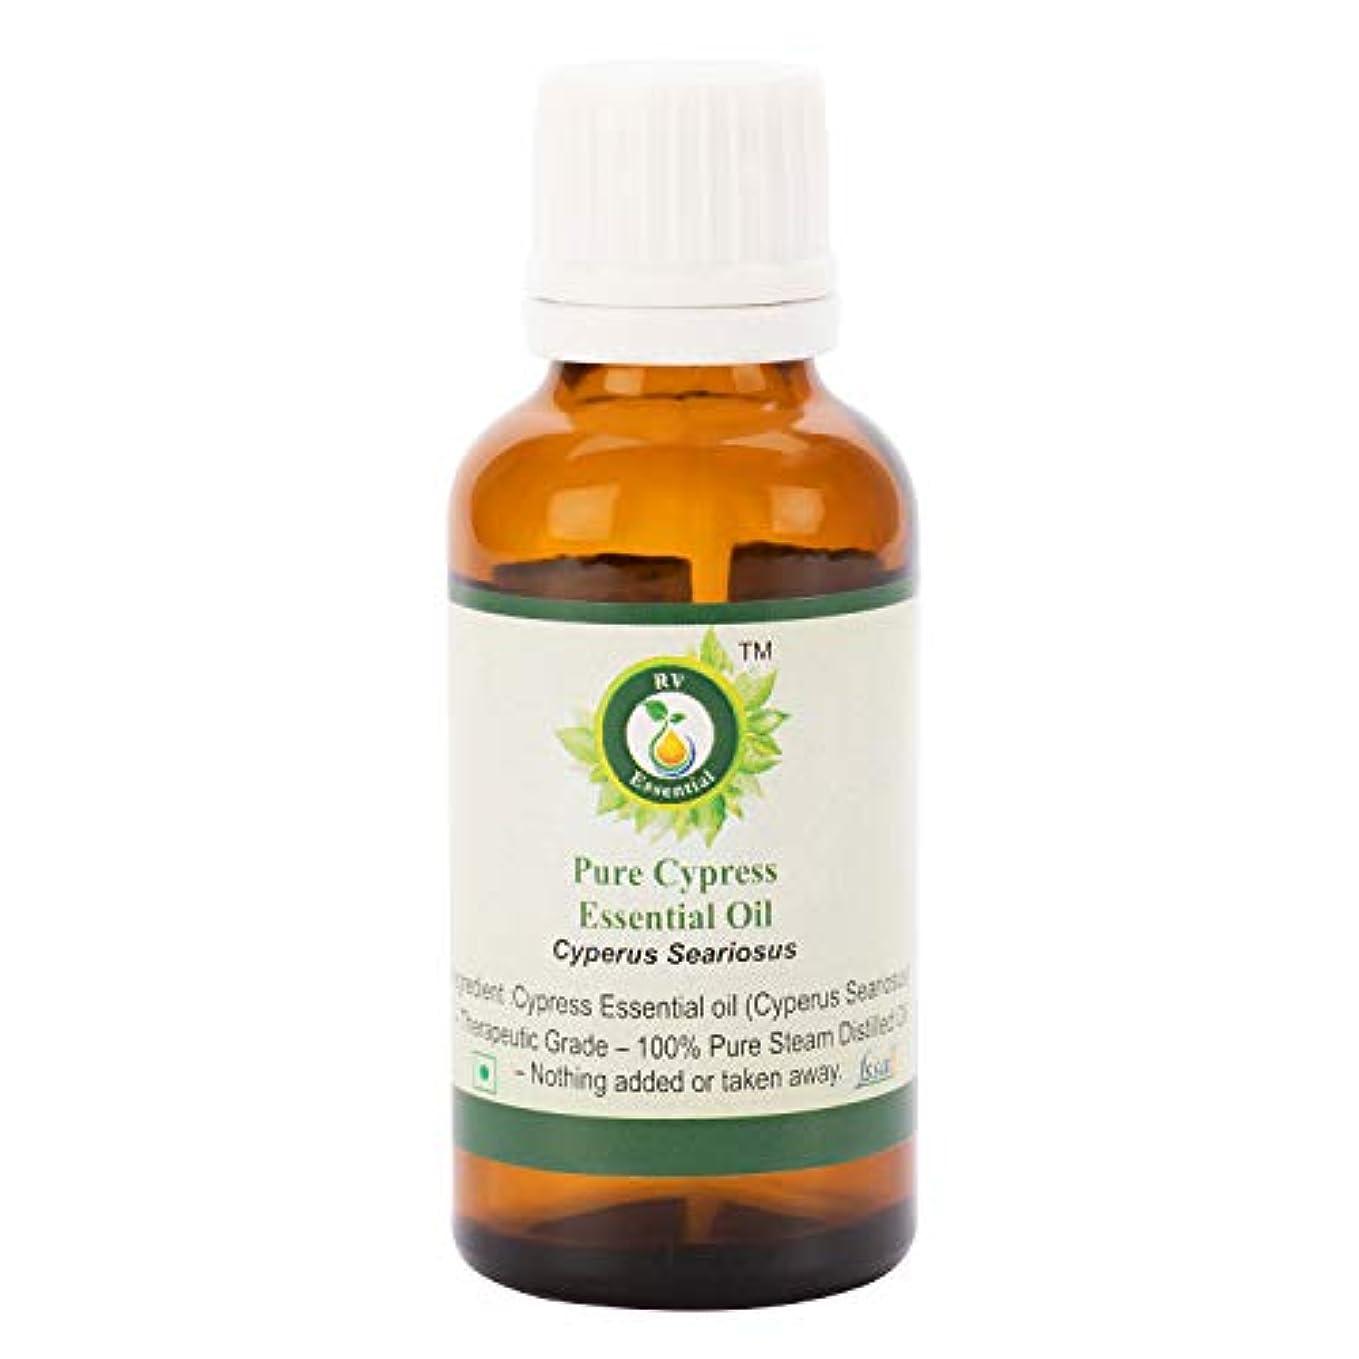 カメラ蜂彼女ピュアサイプレスエッセンシャルオイル100ml (3.38oz)- Cyperus Seariosus (100%純粋&天然スチームDistilled) Pure Cypress Essential Oil